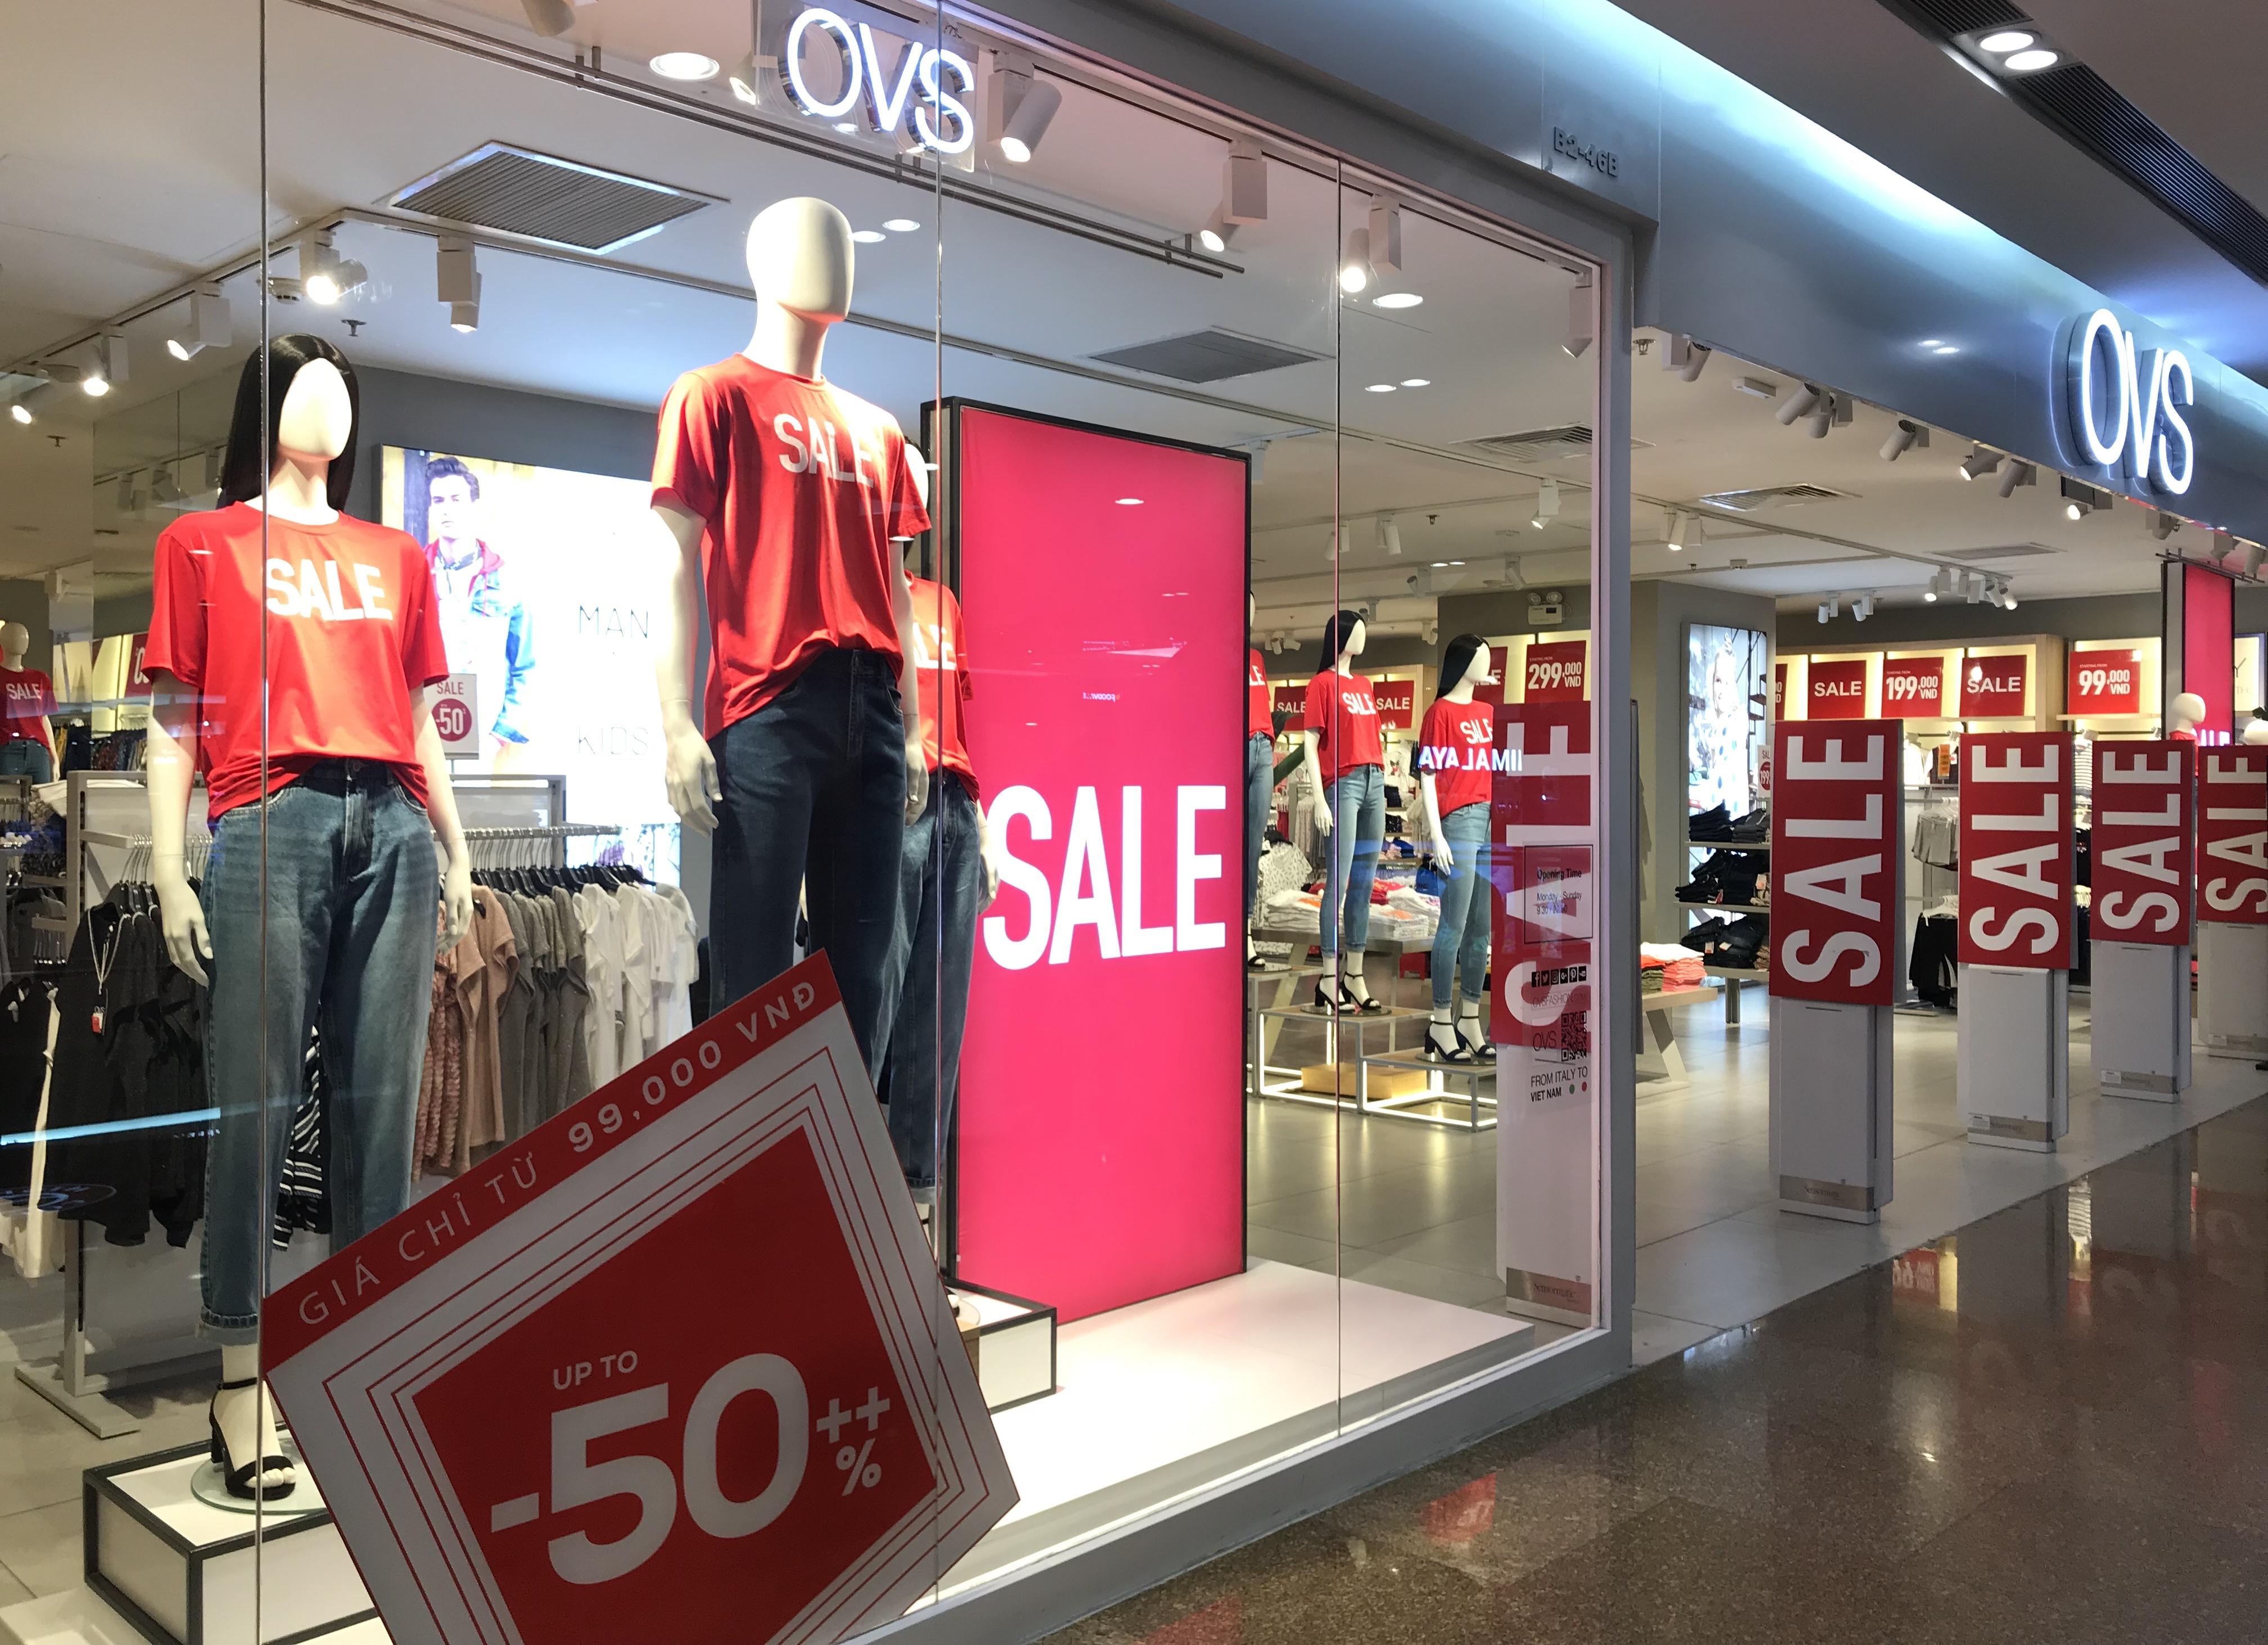 Hàng hiệu đua giảm tới 80% để kích cầu hậu COVID-19, người Sài Gòn tranh mua đồ giá sốc - Ảnh 7.